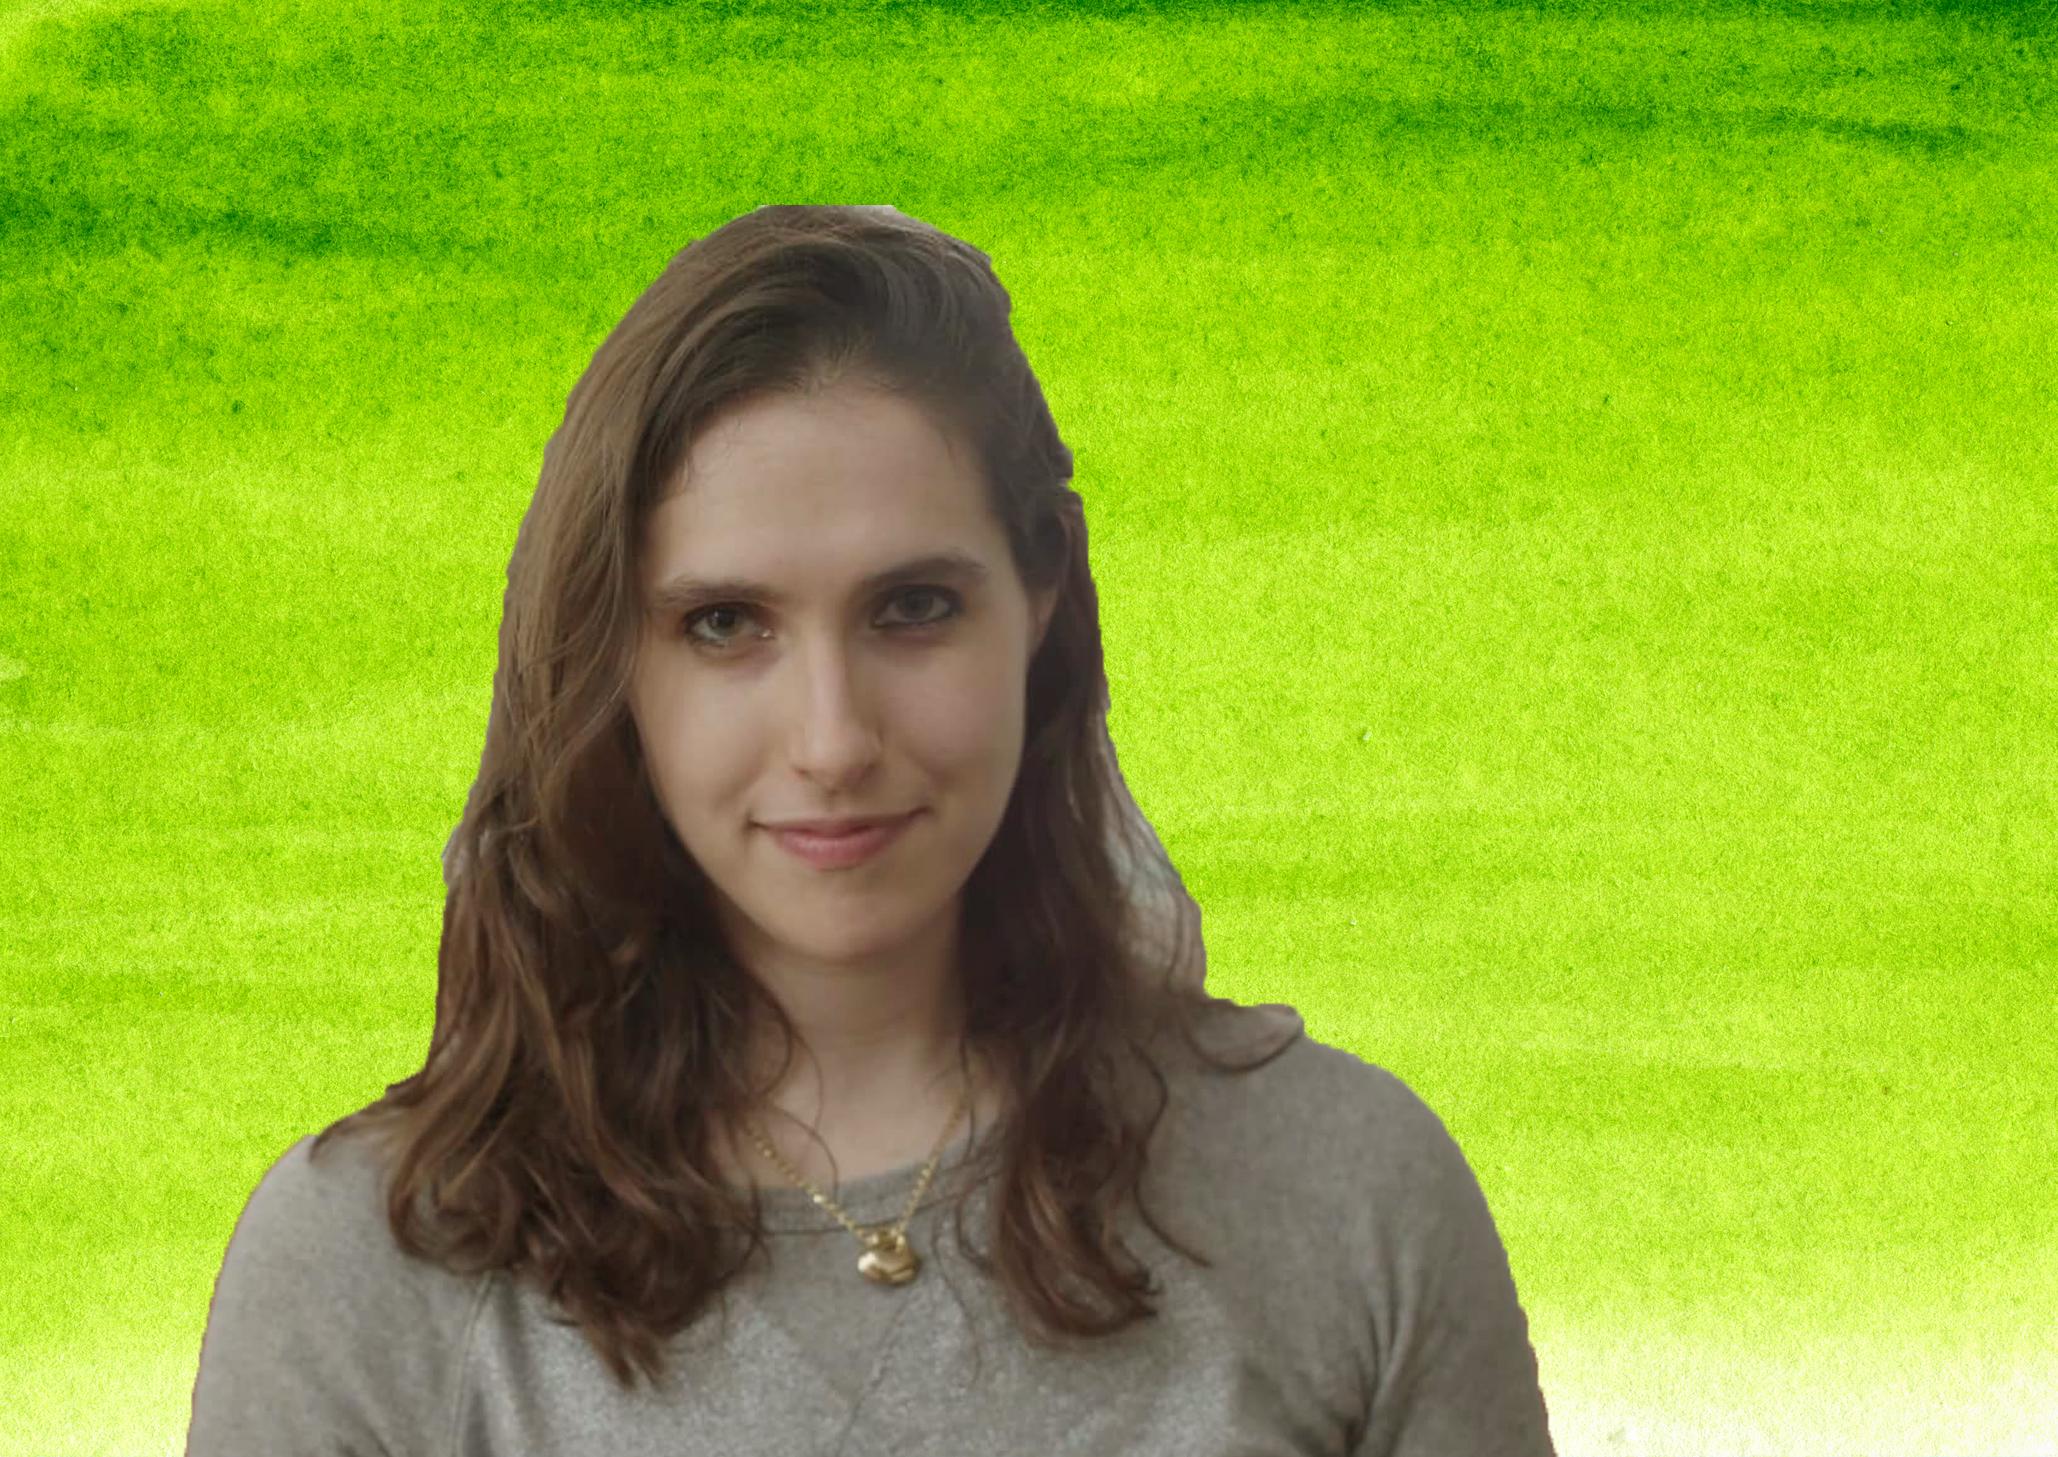 Megan Amram